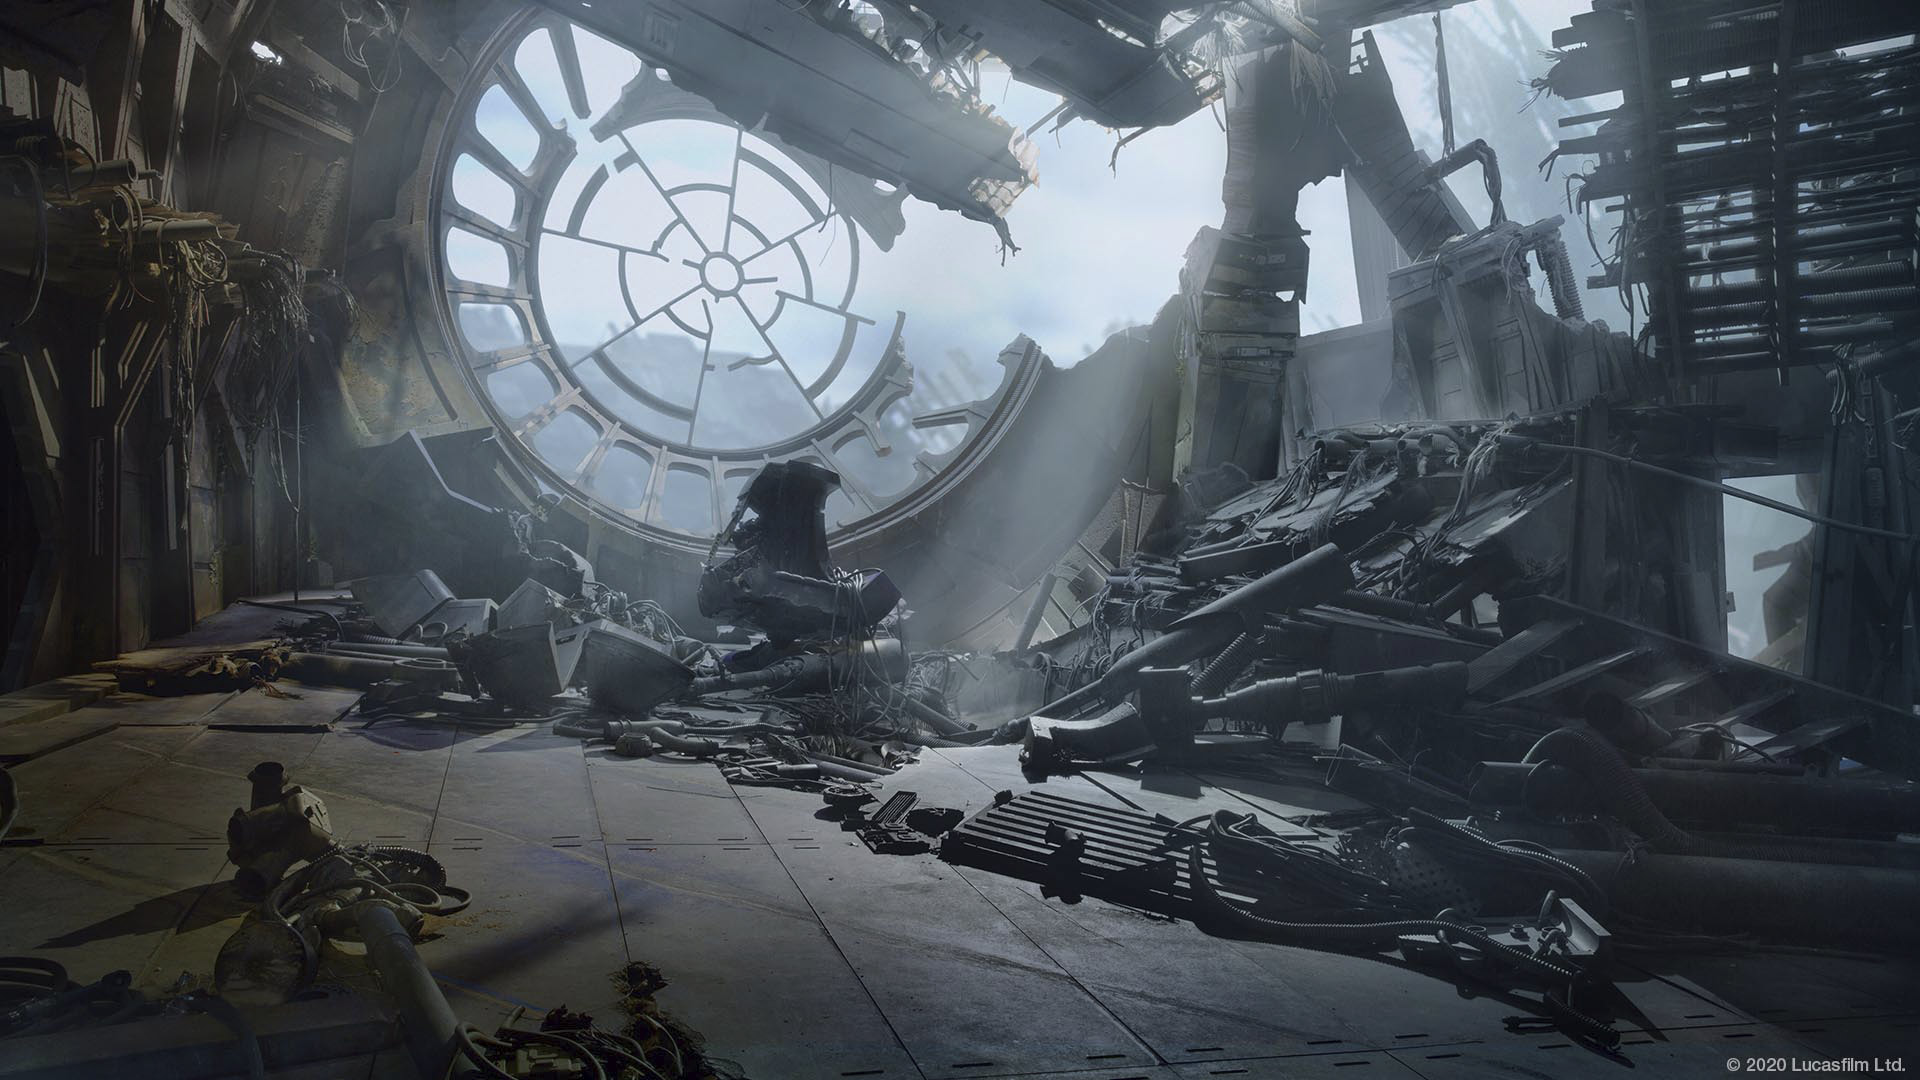 Star Wars Zoom background